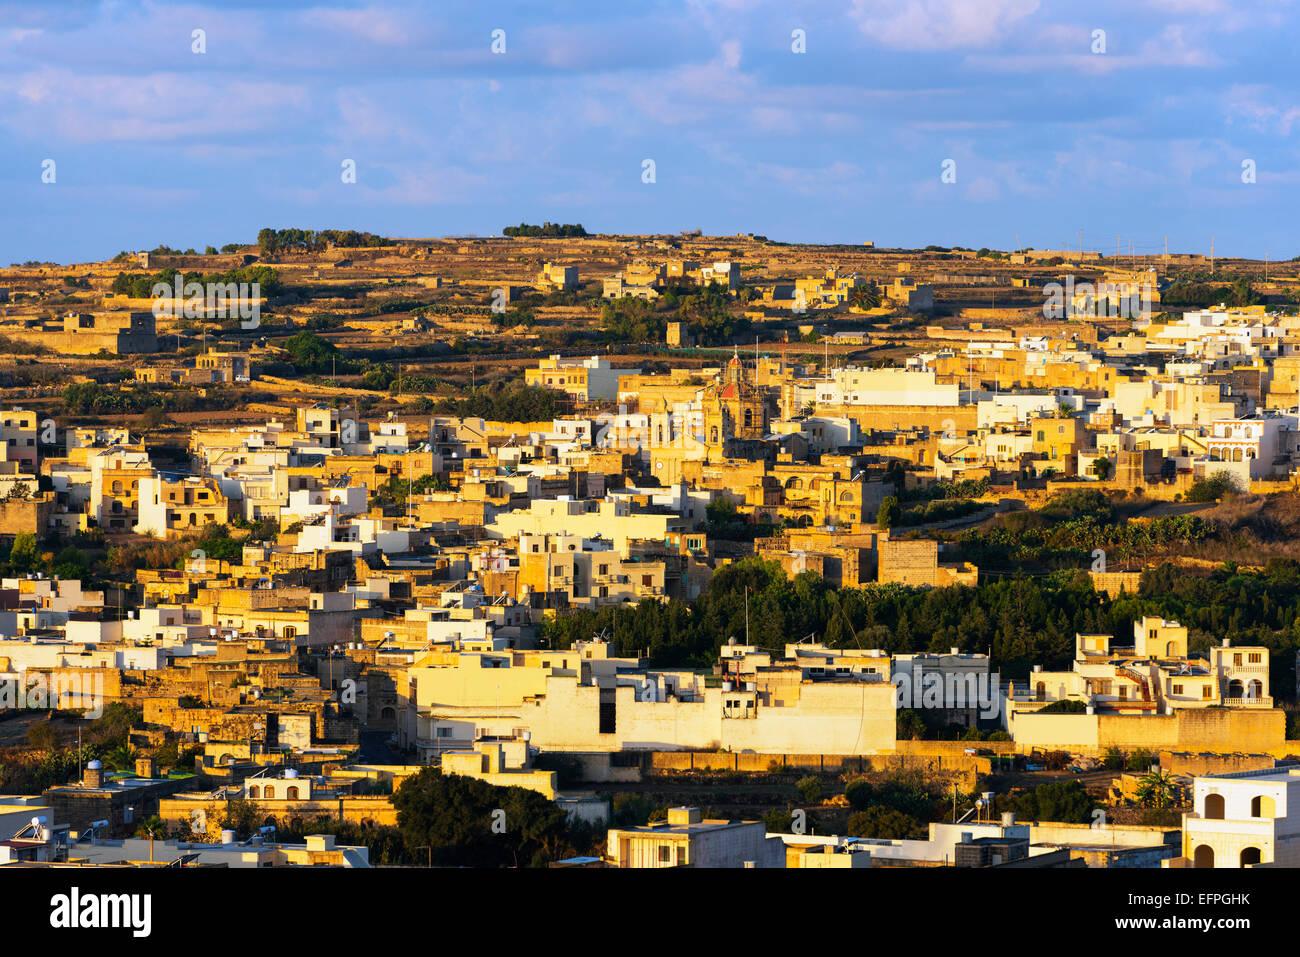 Victoria (Rabat), Insel Gozo, Malta, Mittelmeer, Europa Stockbild